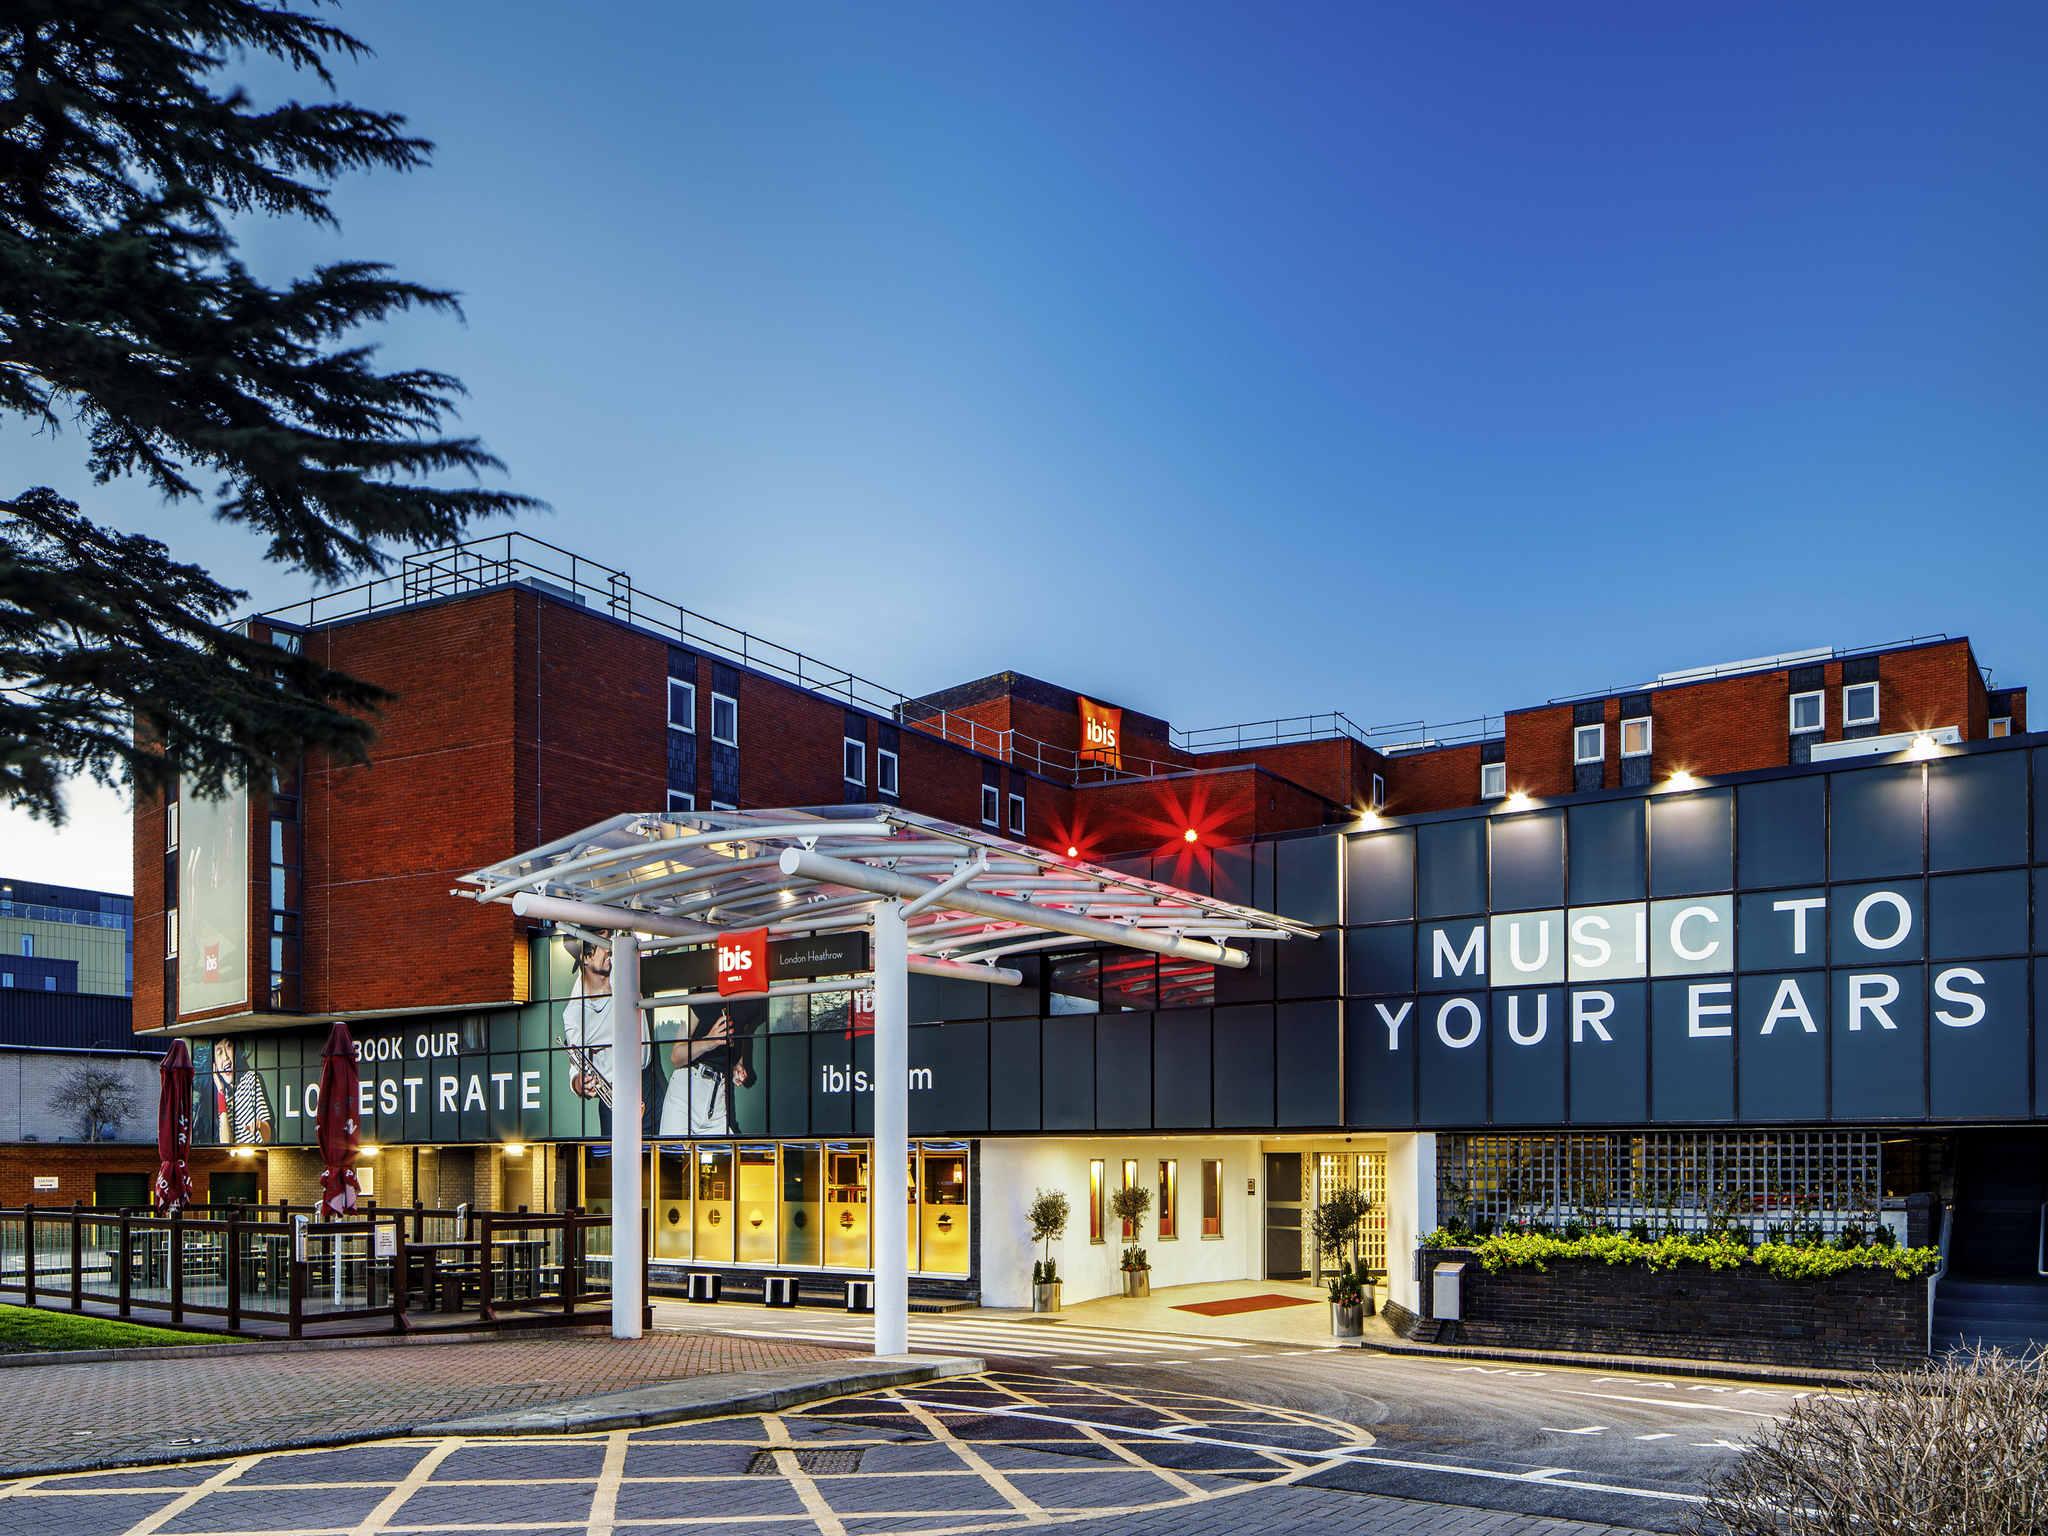 โรงแรม – ไอบิส ลอนดอน ฮีทโธรว์ แอร์พอร์ต